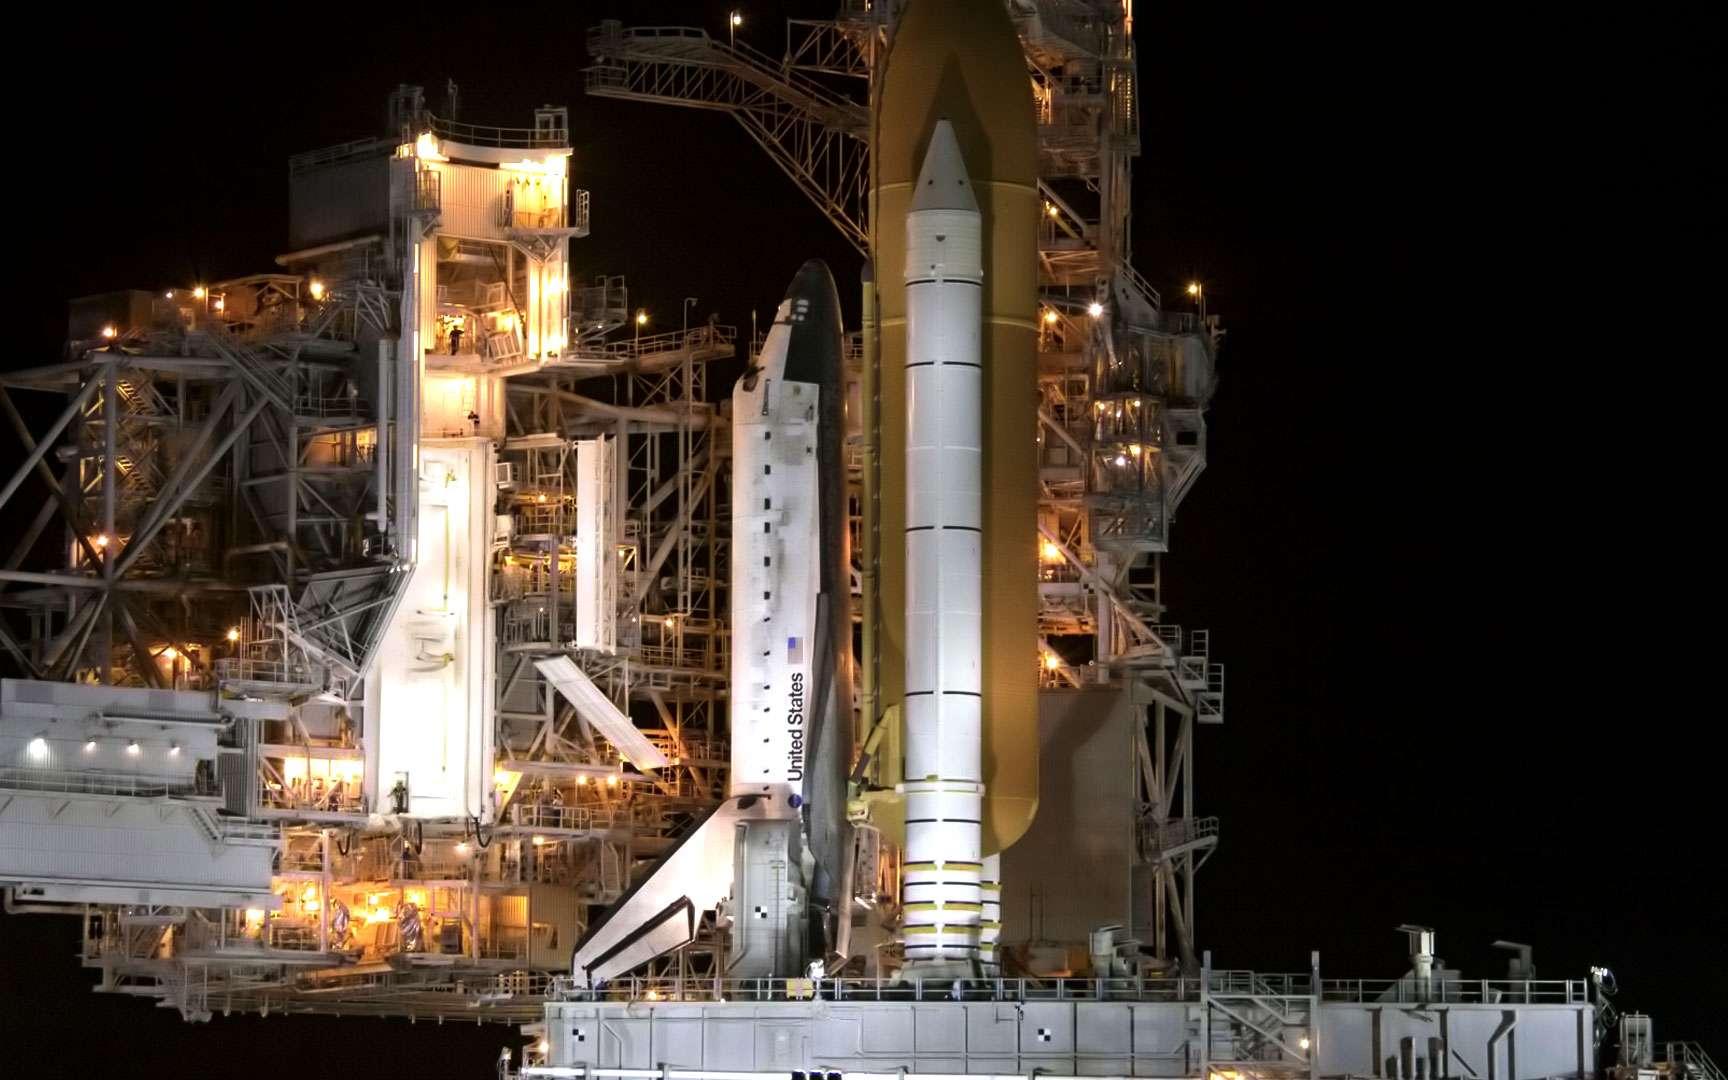 Columbia. La navette spatiale Columbia, de retour de son vol historique le 15 avril 1981, première mission d'une navette spatiale. Nasa.